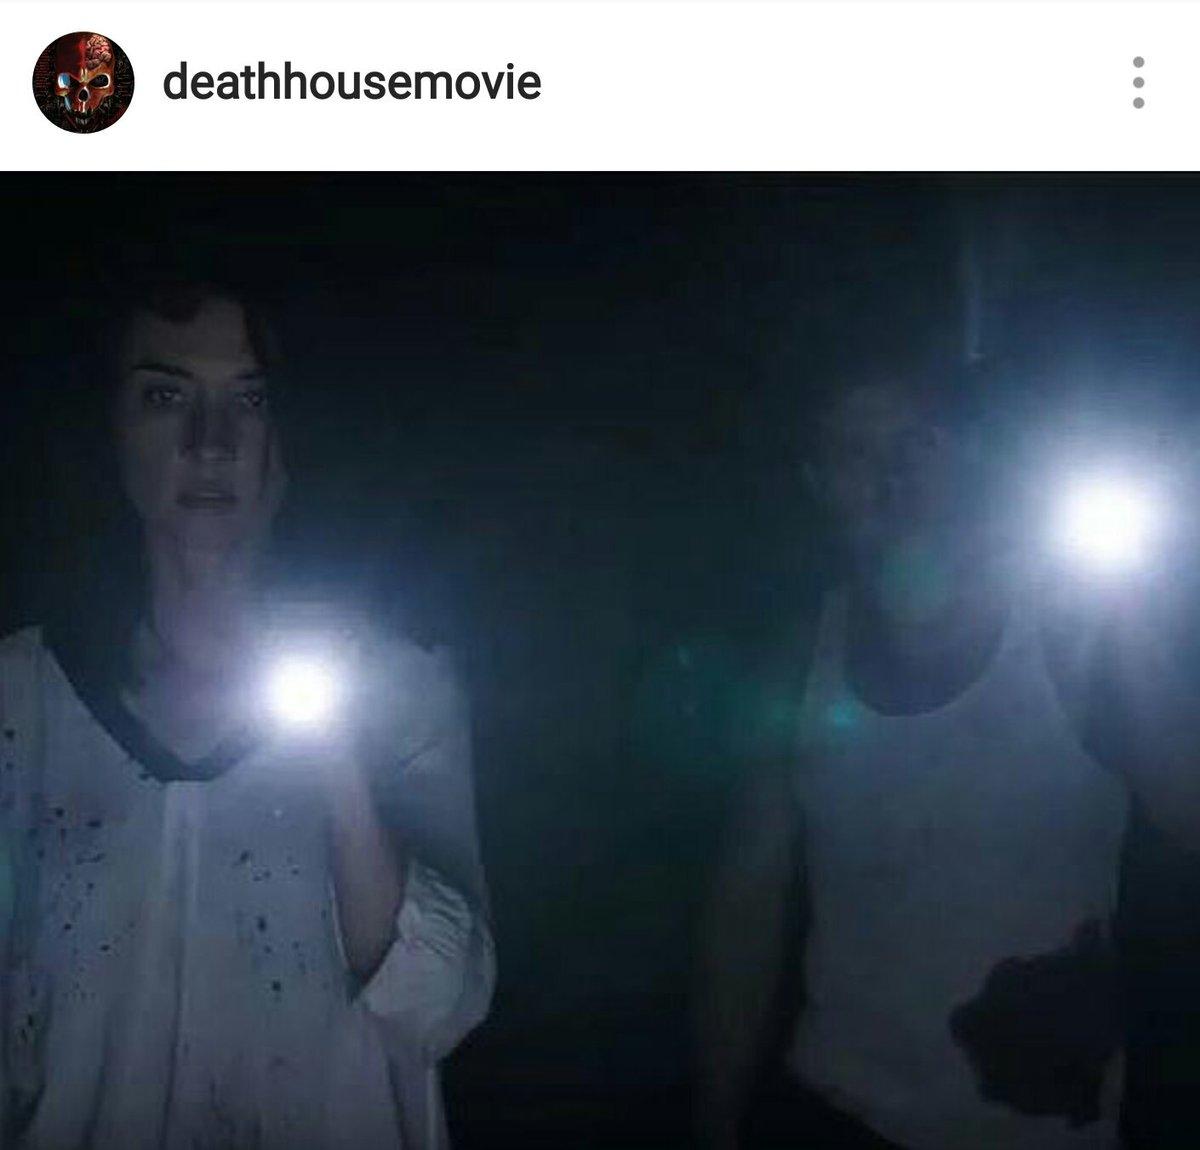 #FilmsIn3Words Nudity🙈. Bloody🔪. Action-y🔫. @DeathHouseMovie https://t...